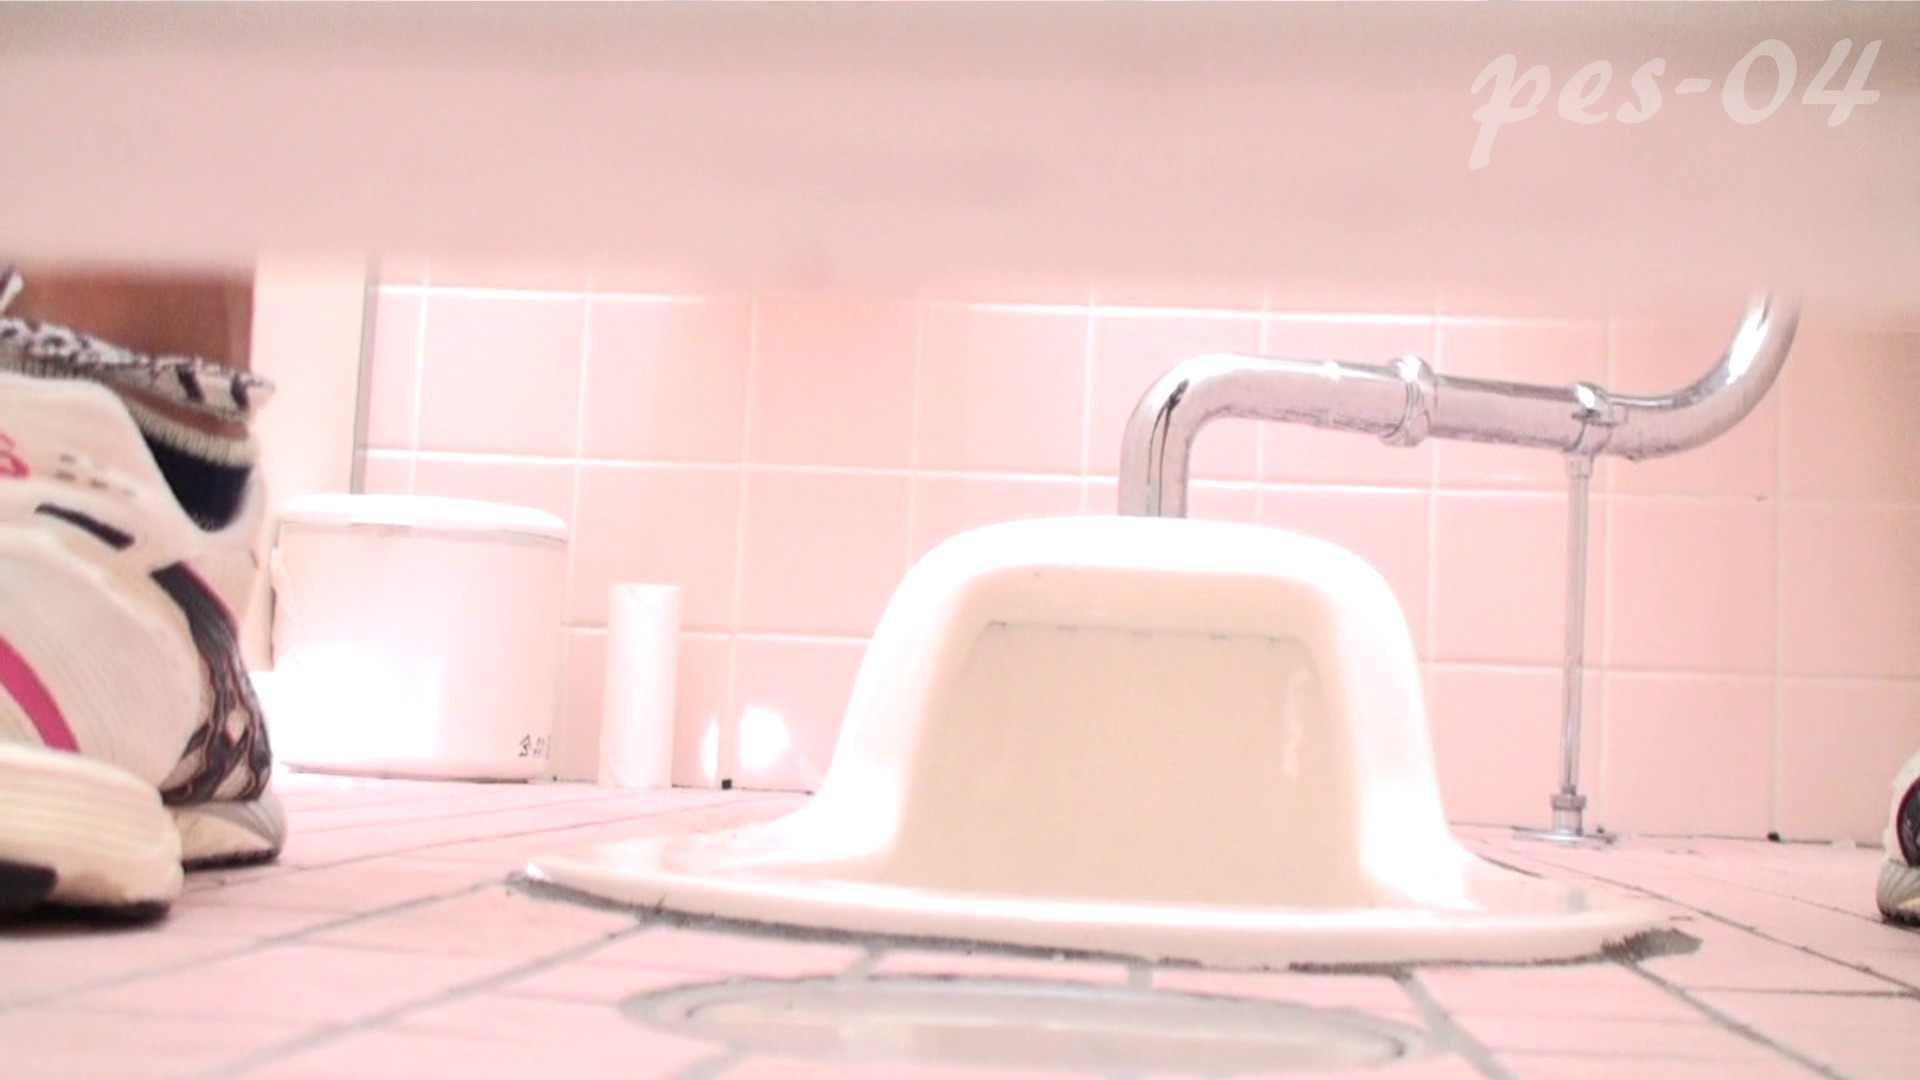 ※100個限定販売 至高下半身盗撮-プレミアム-【体育館編】VOL.4 体育館 | OLの実態  79pic 17